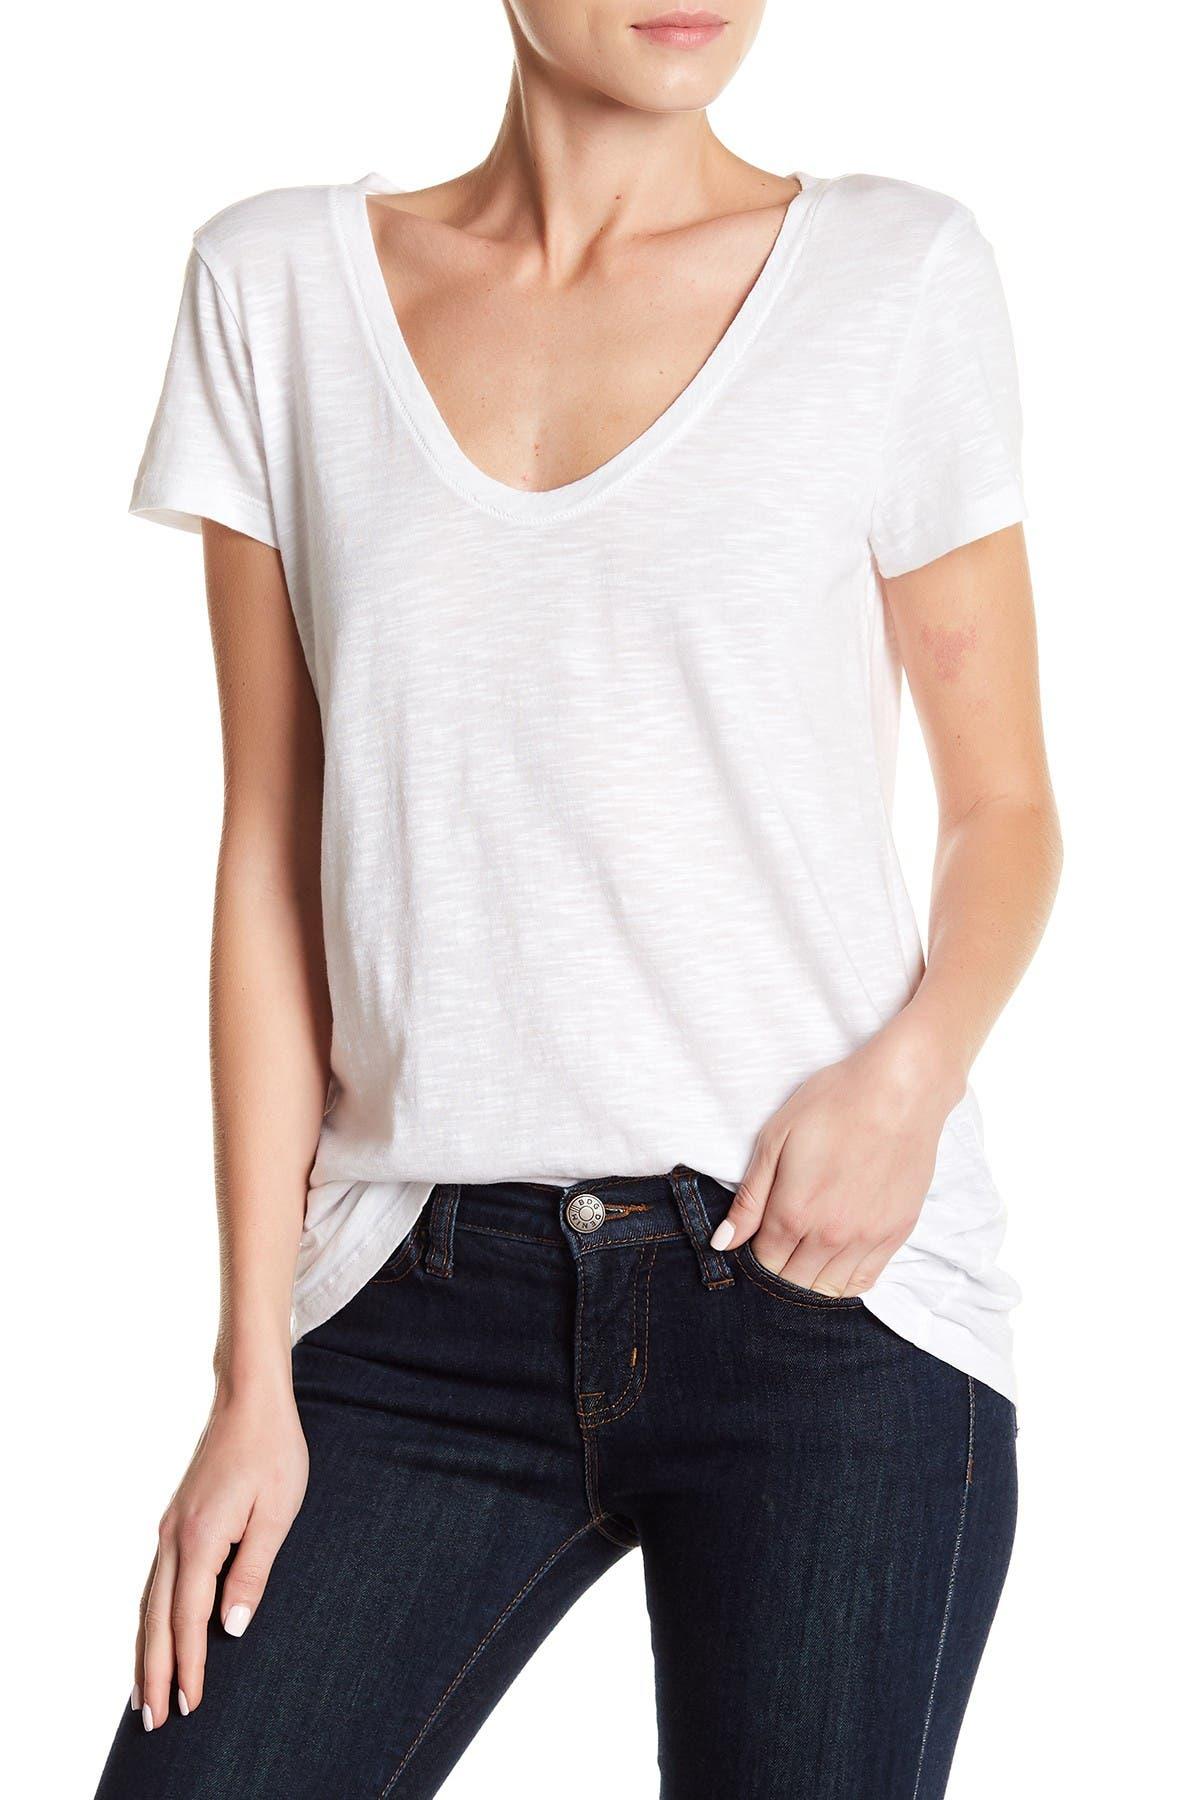 Image of SUSINA Scoop Neck Slub T-Shirt